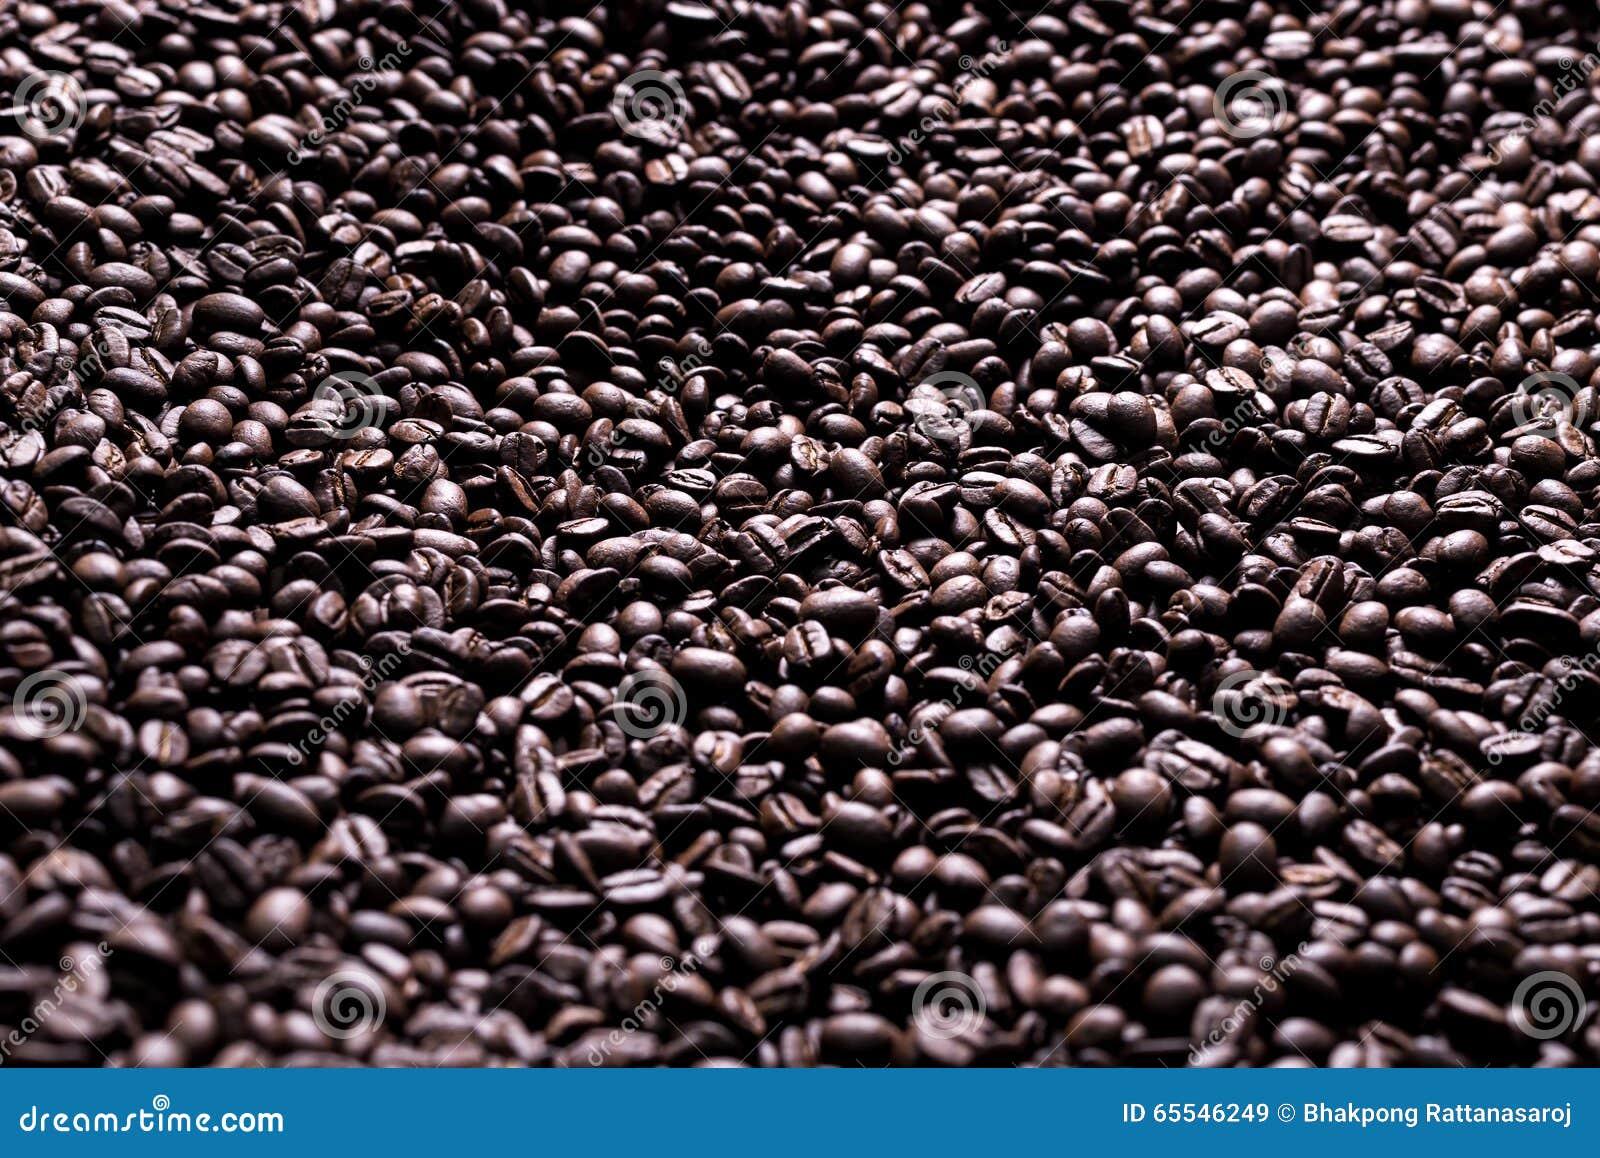 Kaffee-Reihe: Kaffeebohnehintergrund